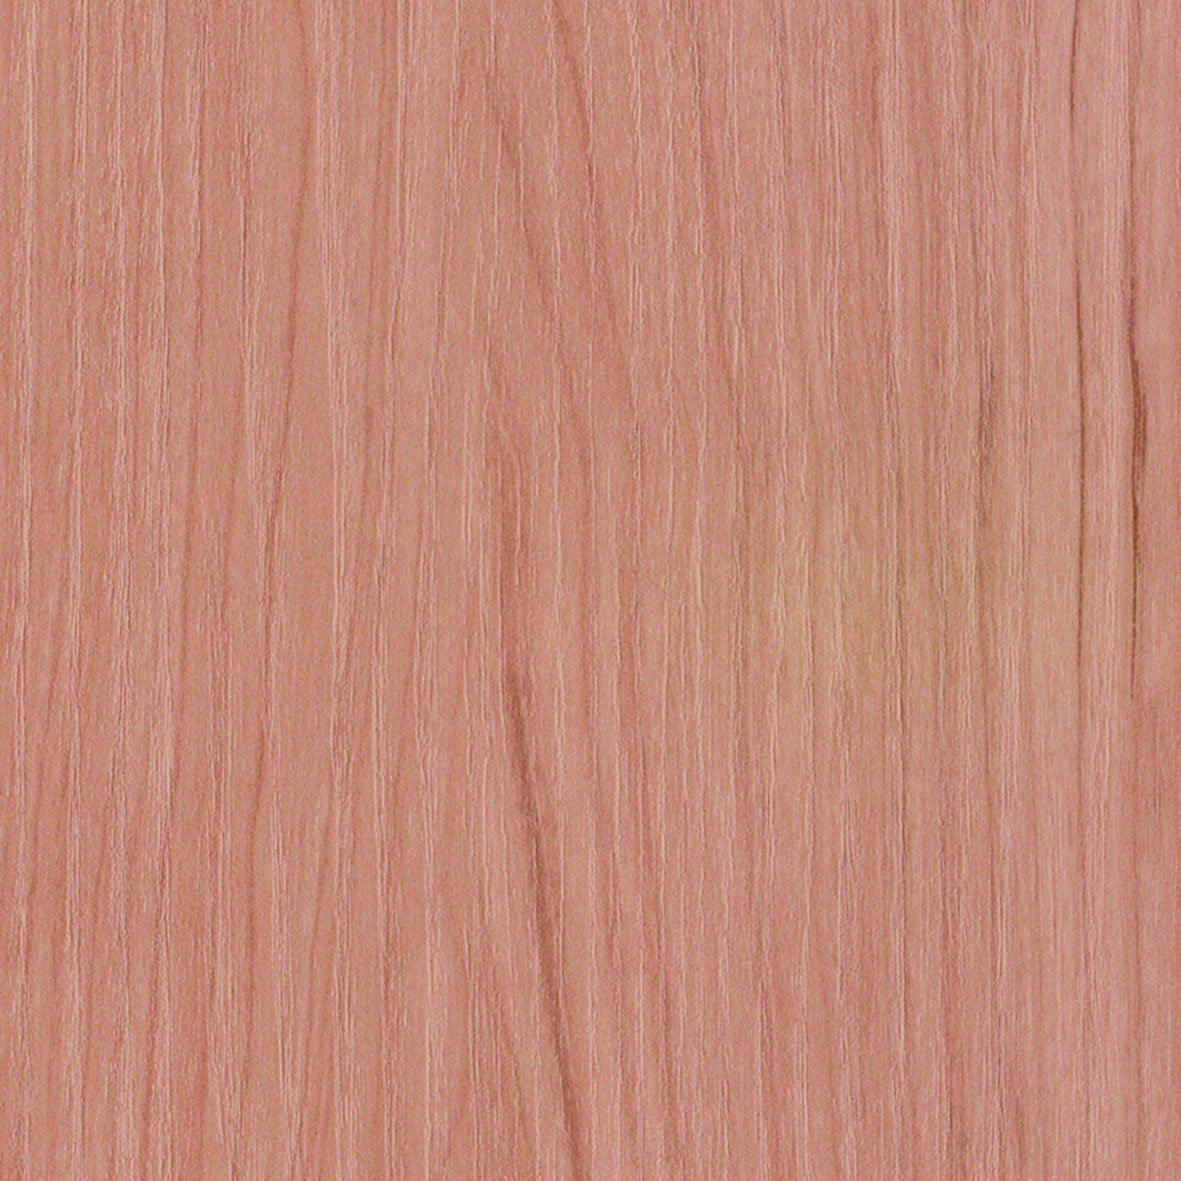 リリカラ 壁紙36m ナチュラル 木目調 ベージュ LL-8796 B01MQFJZNV 36m|ベージュ